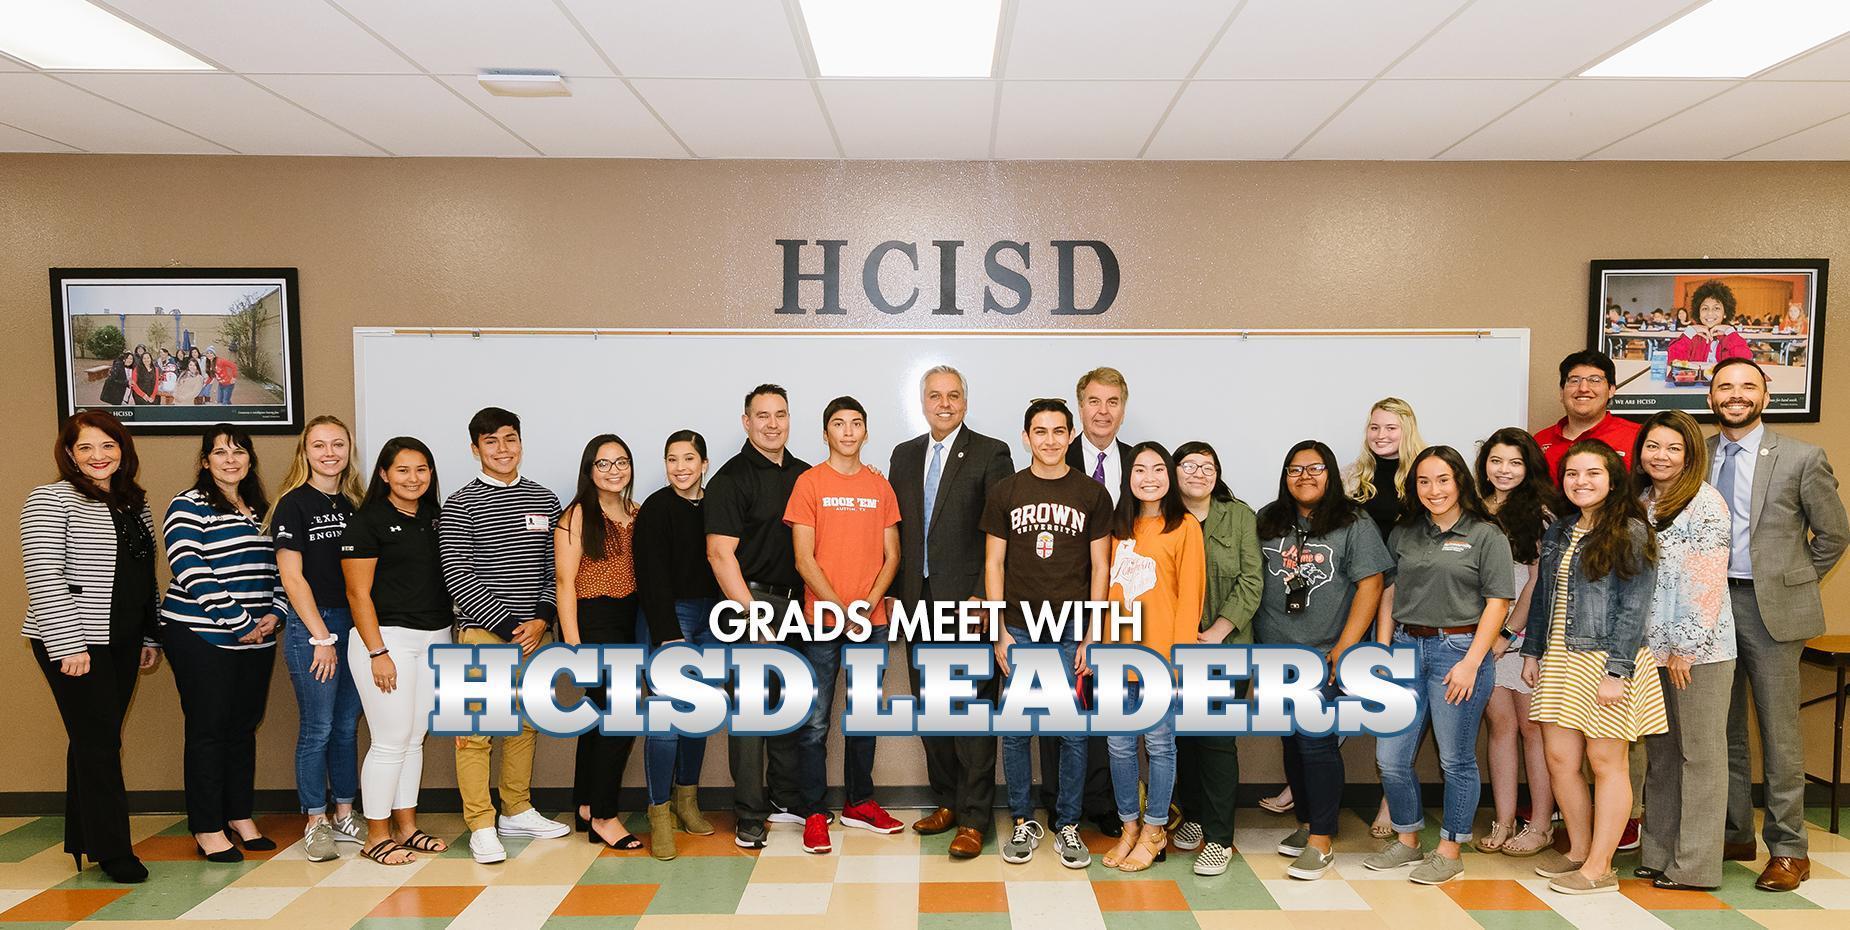 Grads meet with HCISD leaders